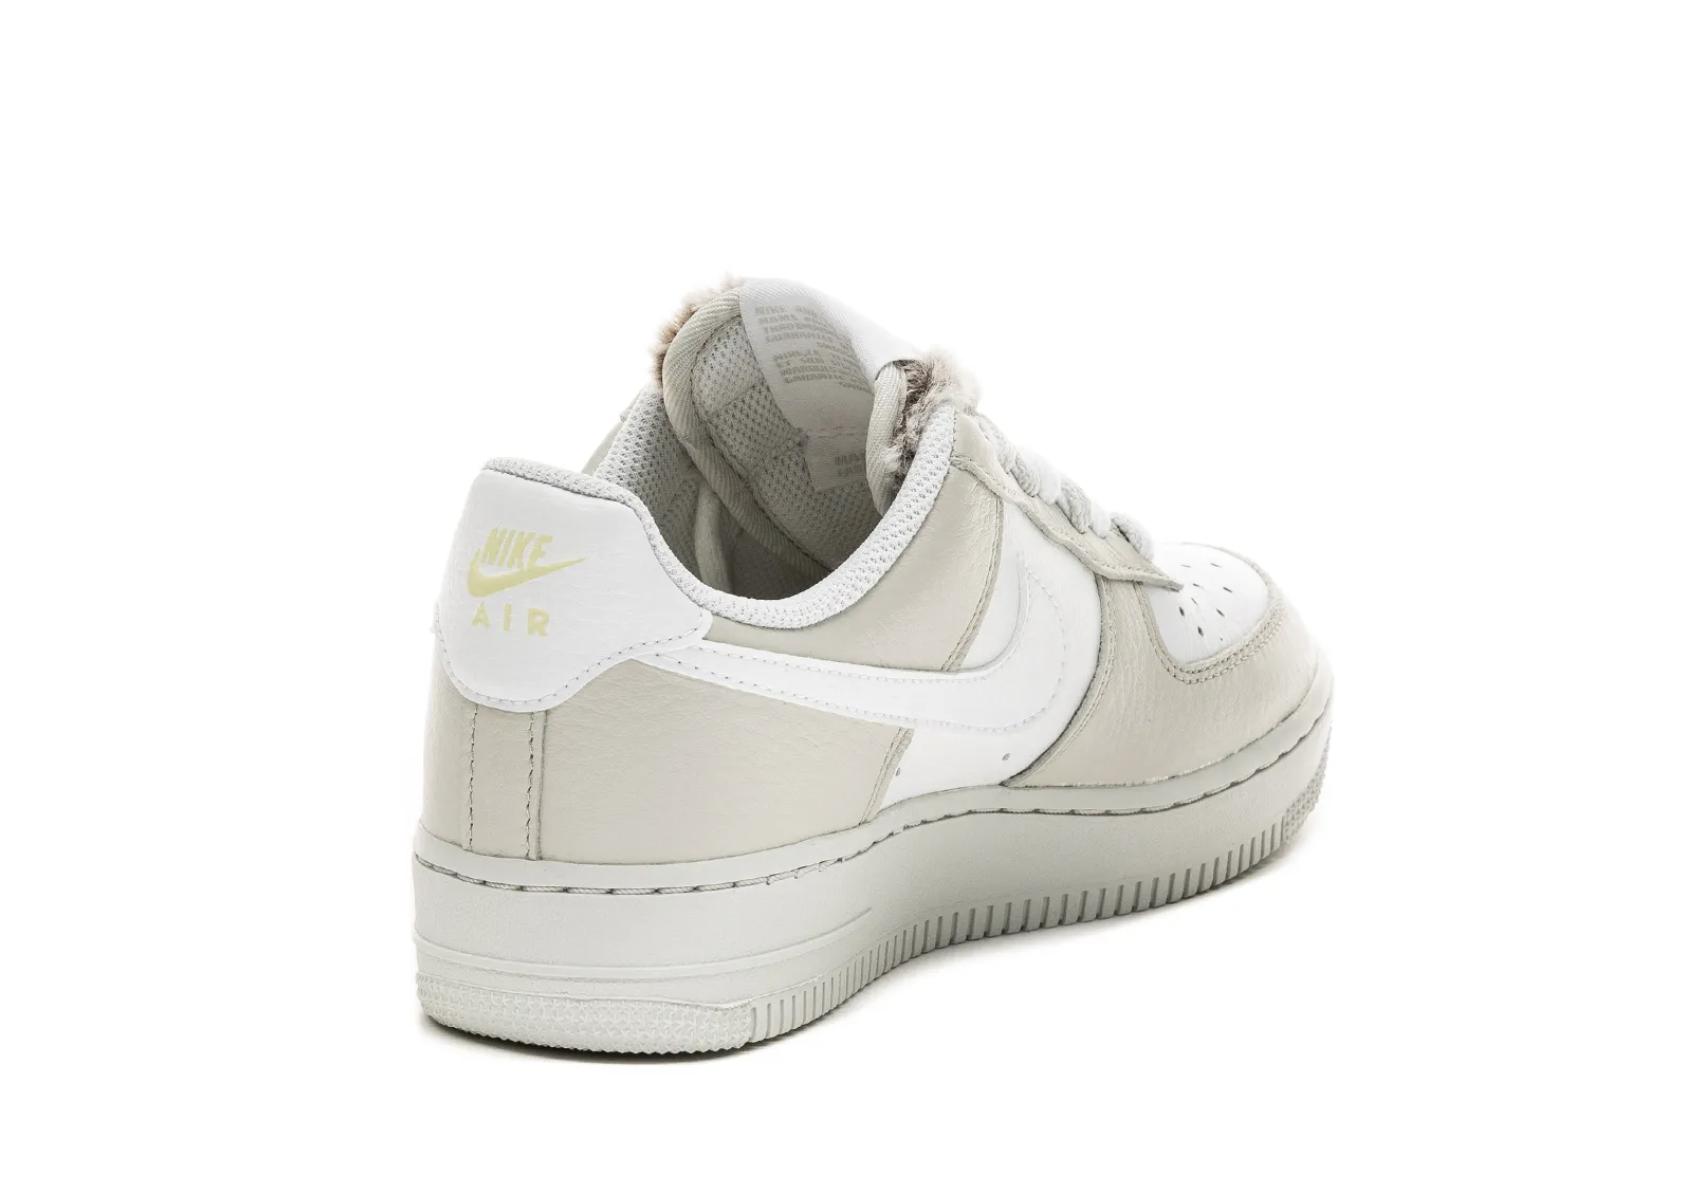 """10月24日予定【NIKE WMNS AIR FORCE 1 '07 """"Light Bone""""】ナイキ ウィメンズ エアフォース1 """"ライトボーン"""":Nike Wmns Air Force 1 '07_DC1165 001_from back"""